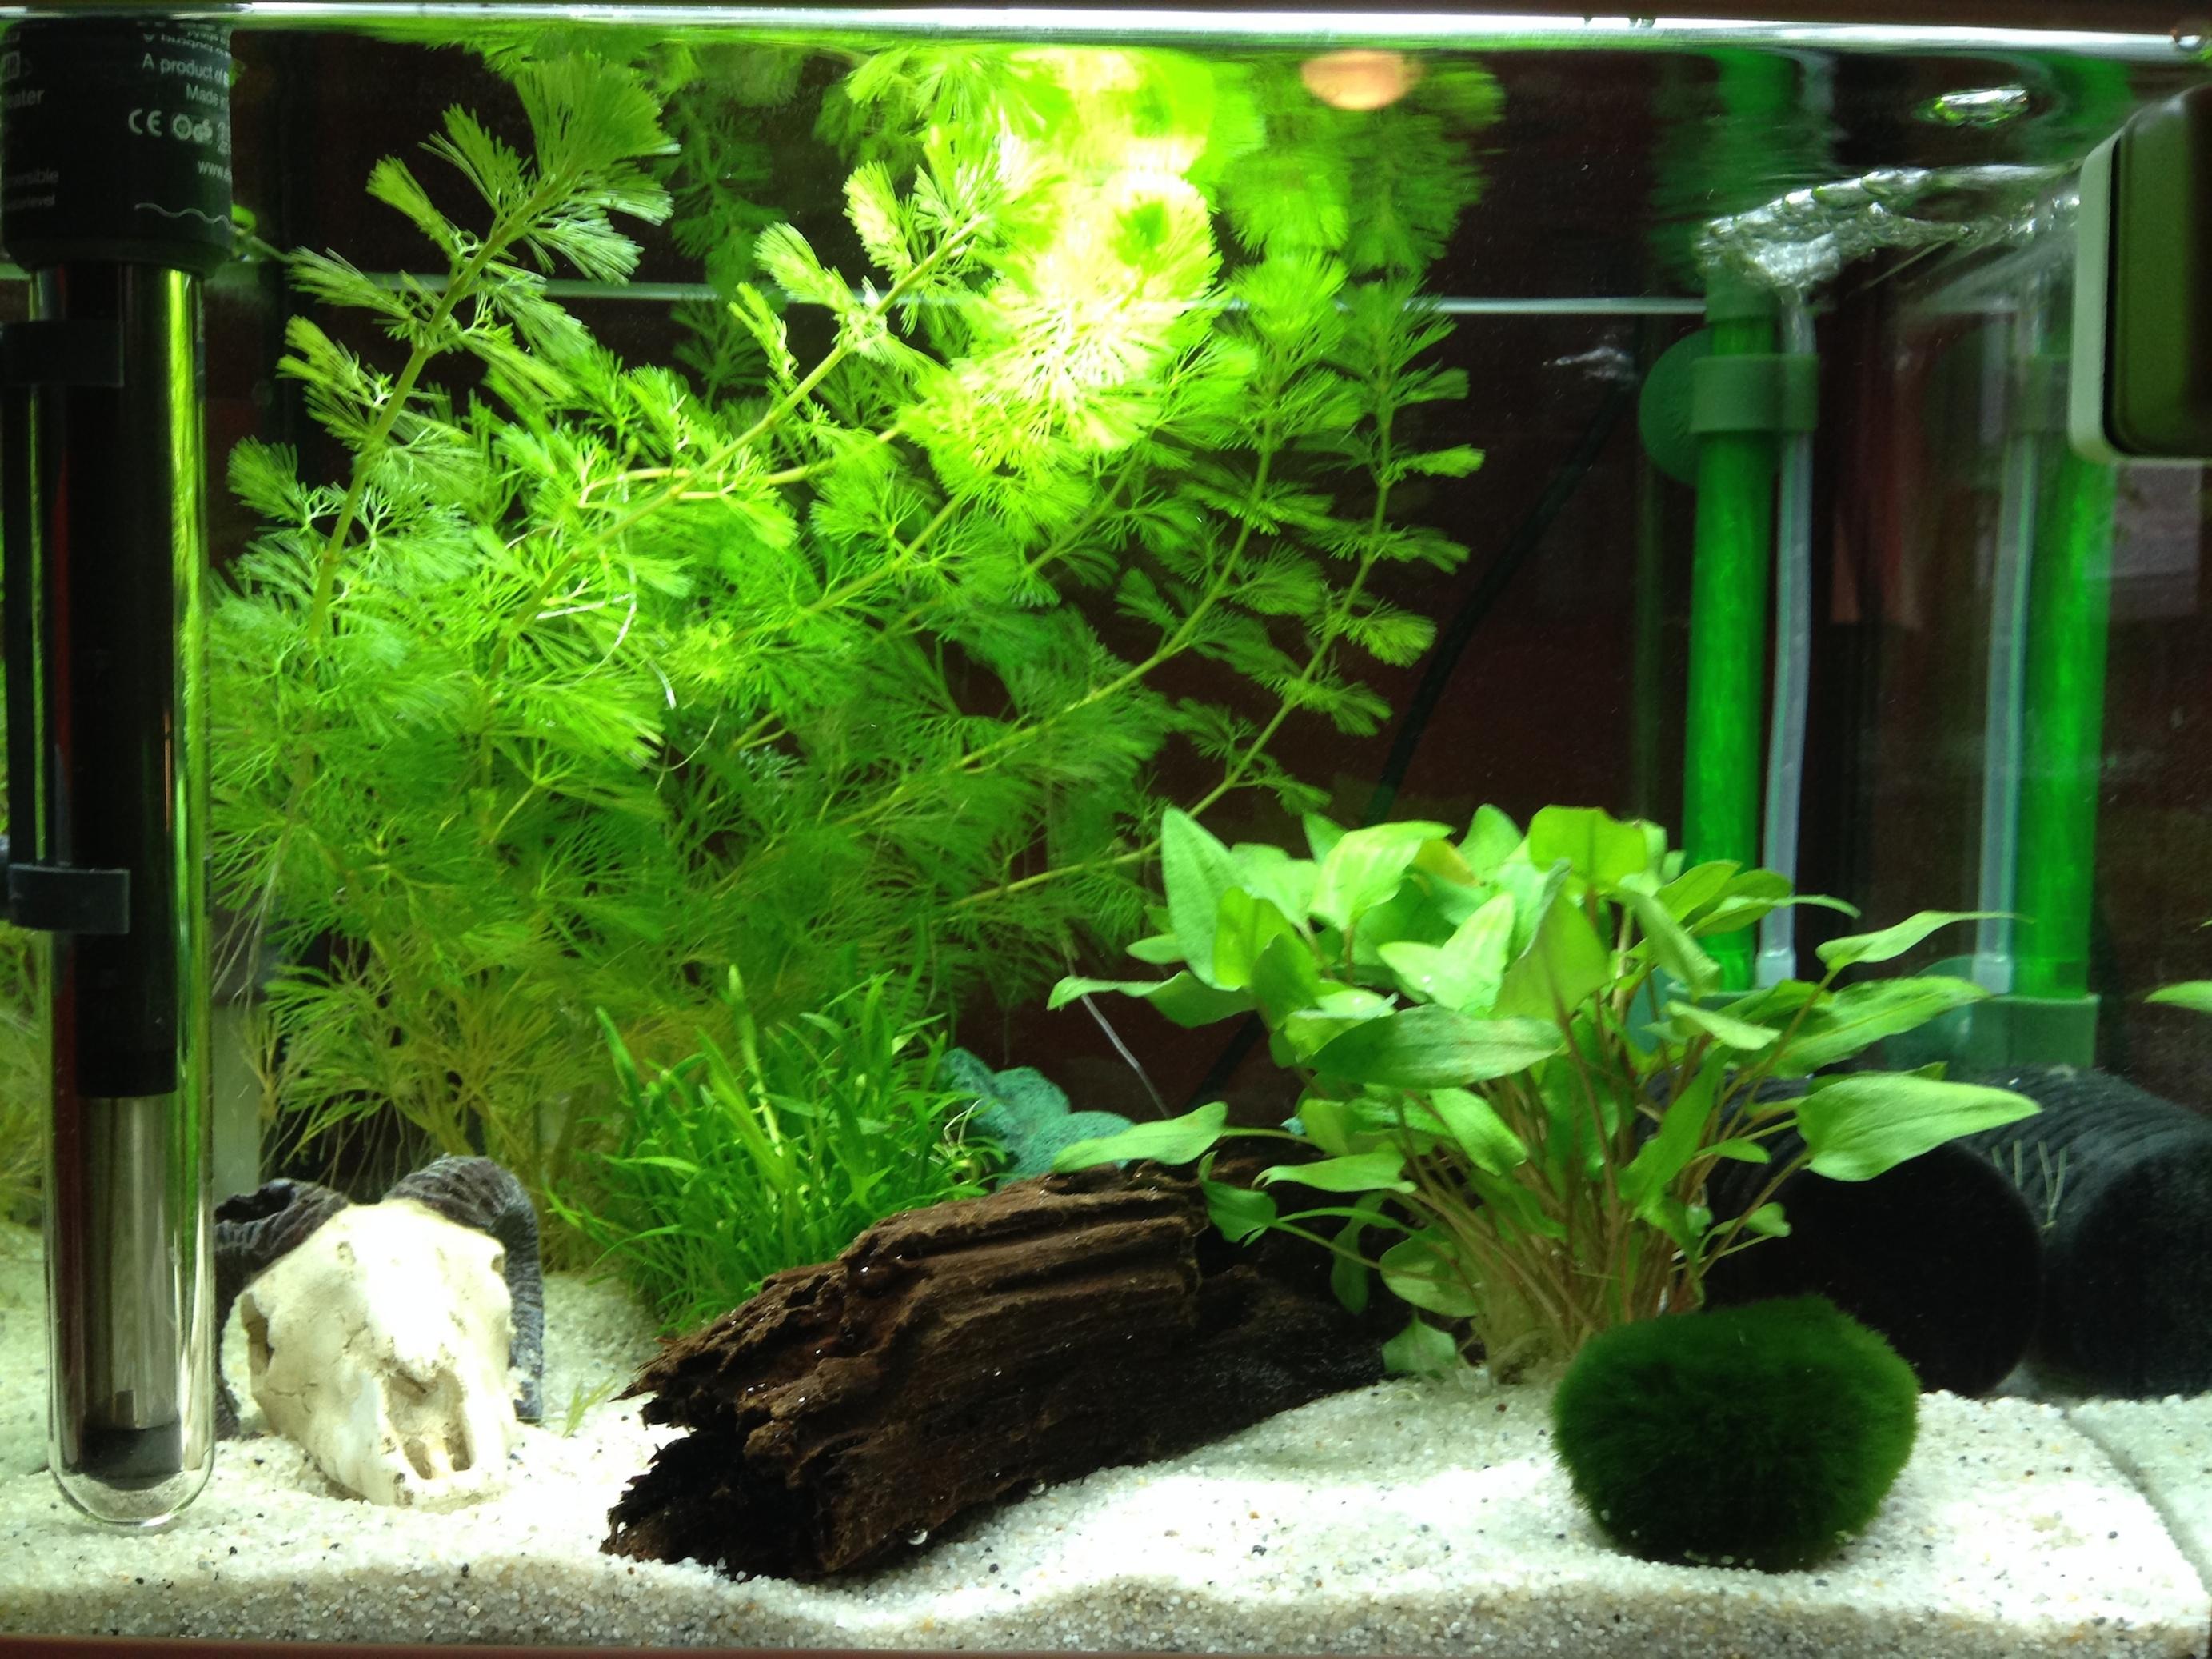 ph wert von aquarium durch nicht chemische mittel dauerhaft senkbar chemie aquaristik garnelen. Black Bedroom Furniture Sets. Home Design Ideas